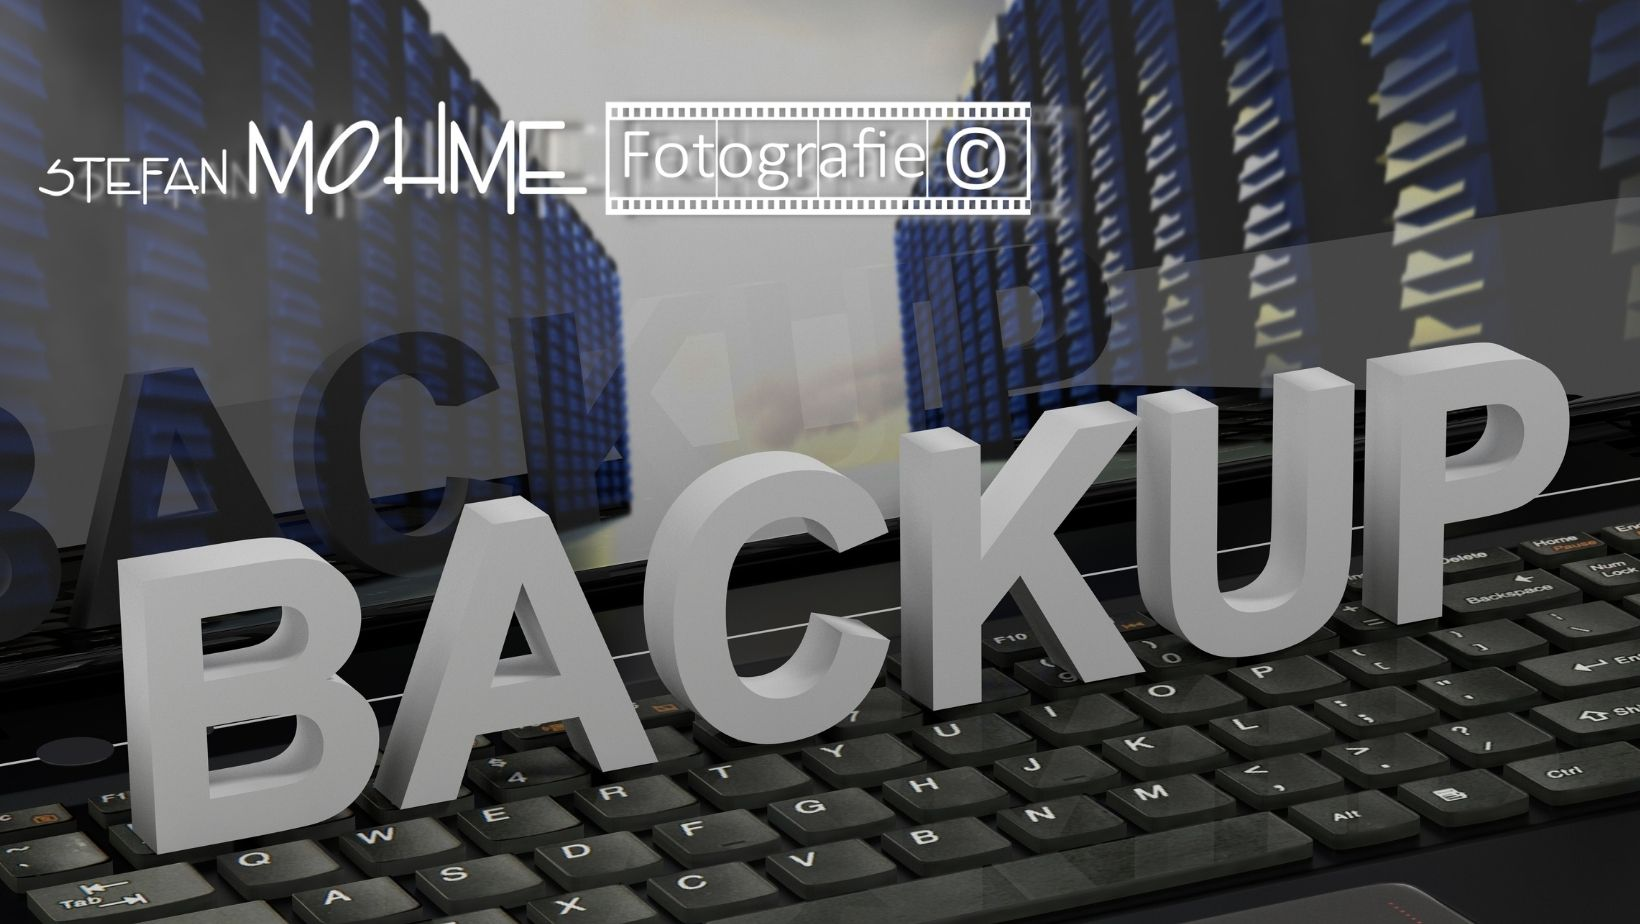 PC Backup, Logo Stefan Mohme,schwarzweiss